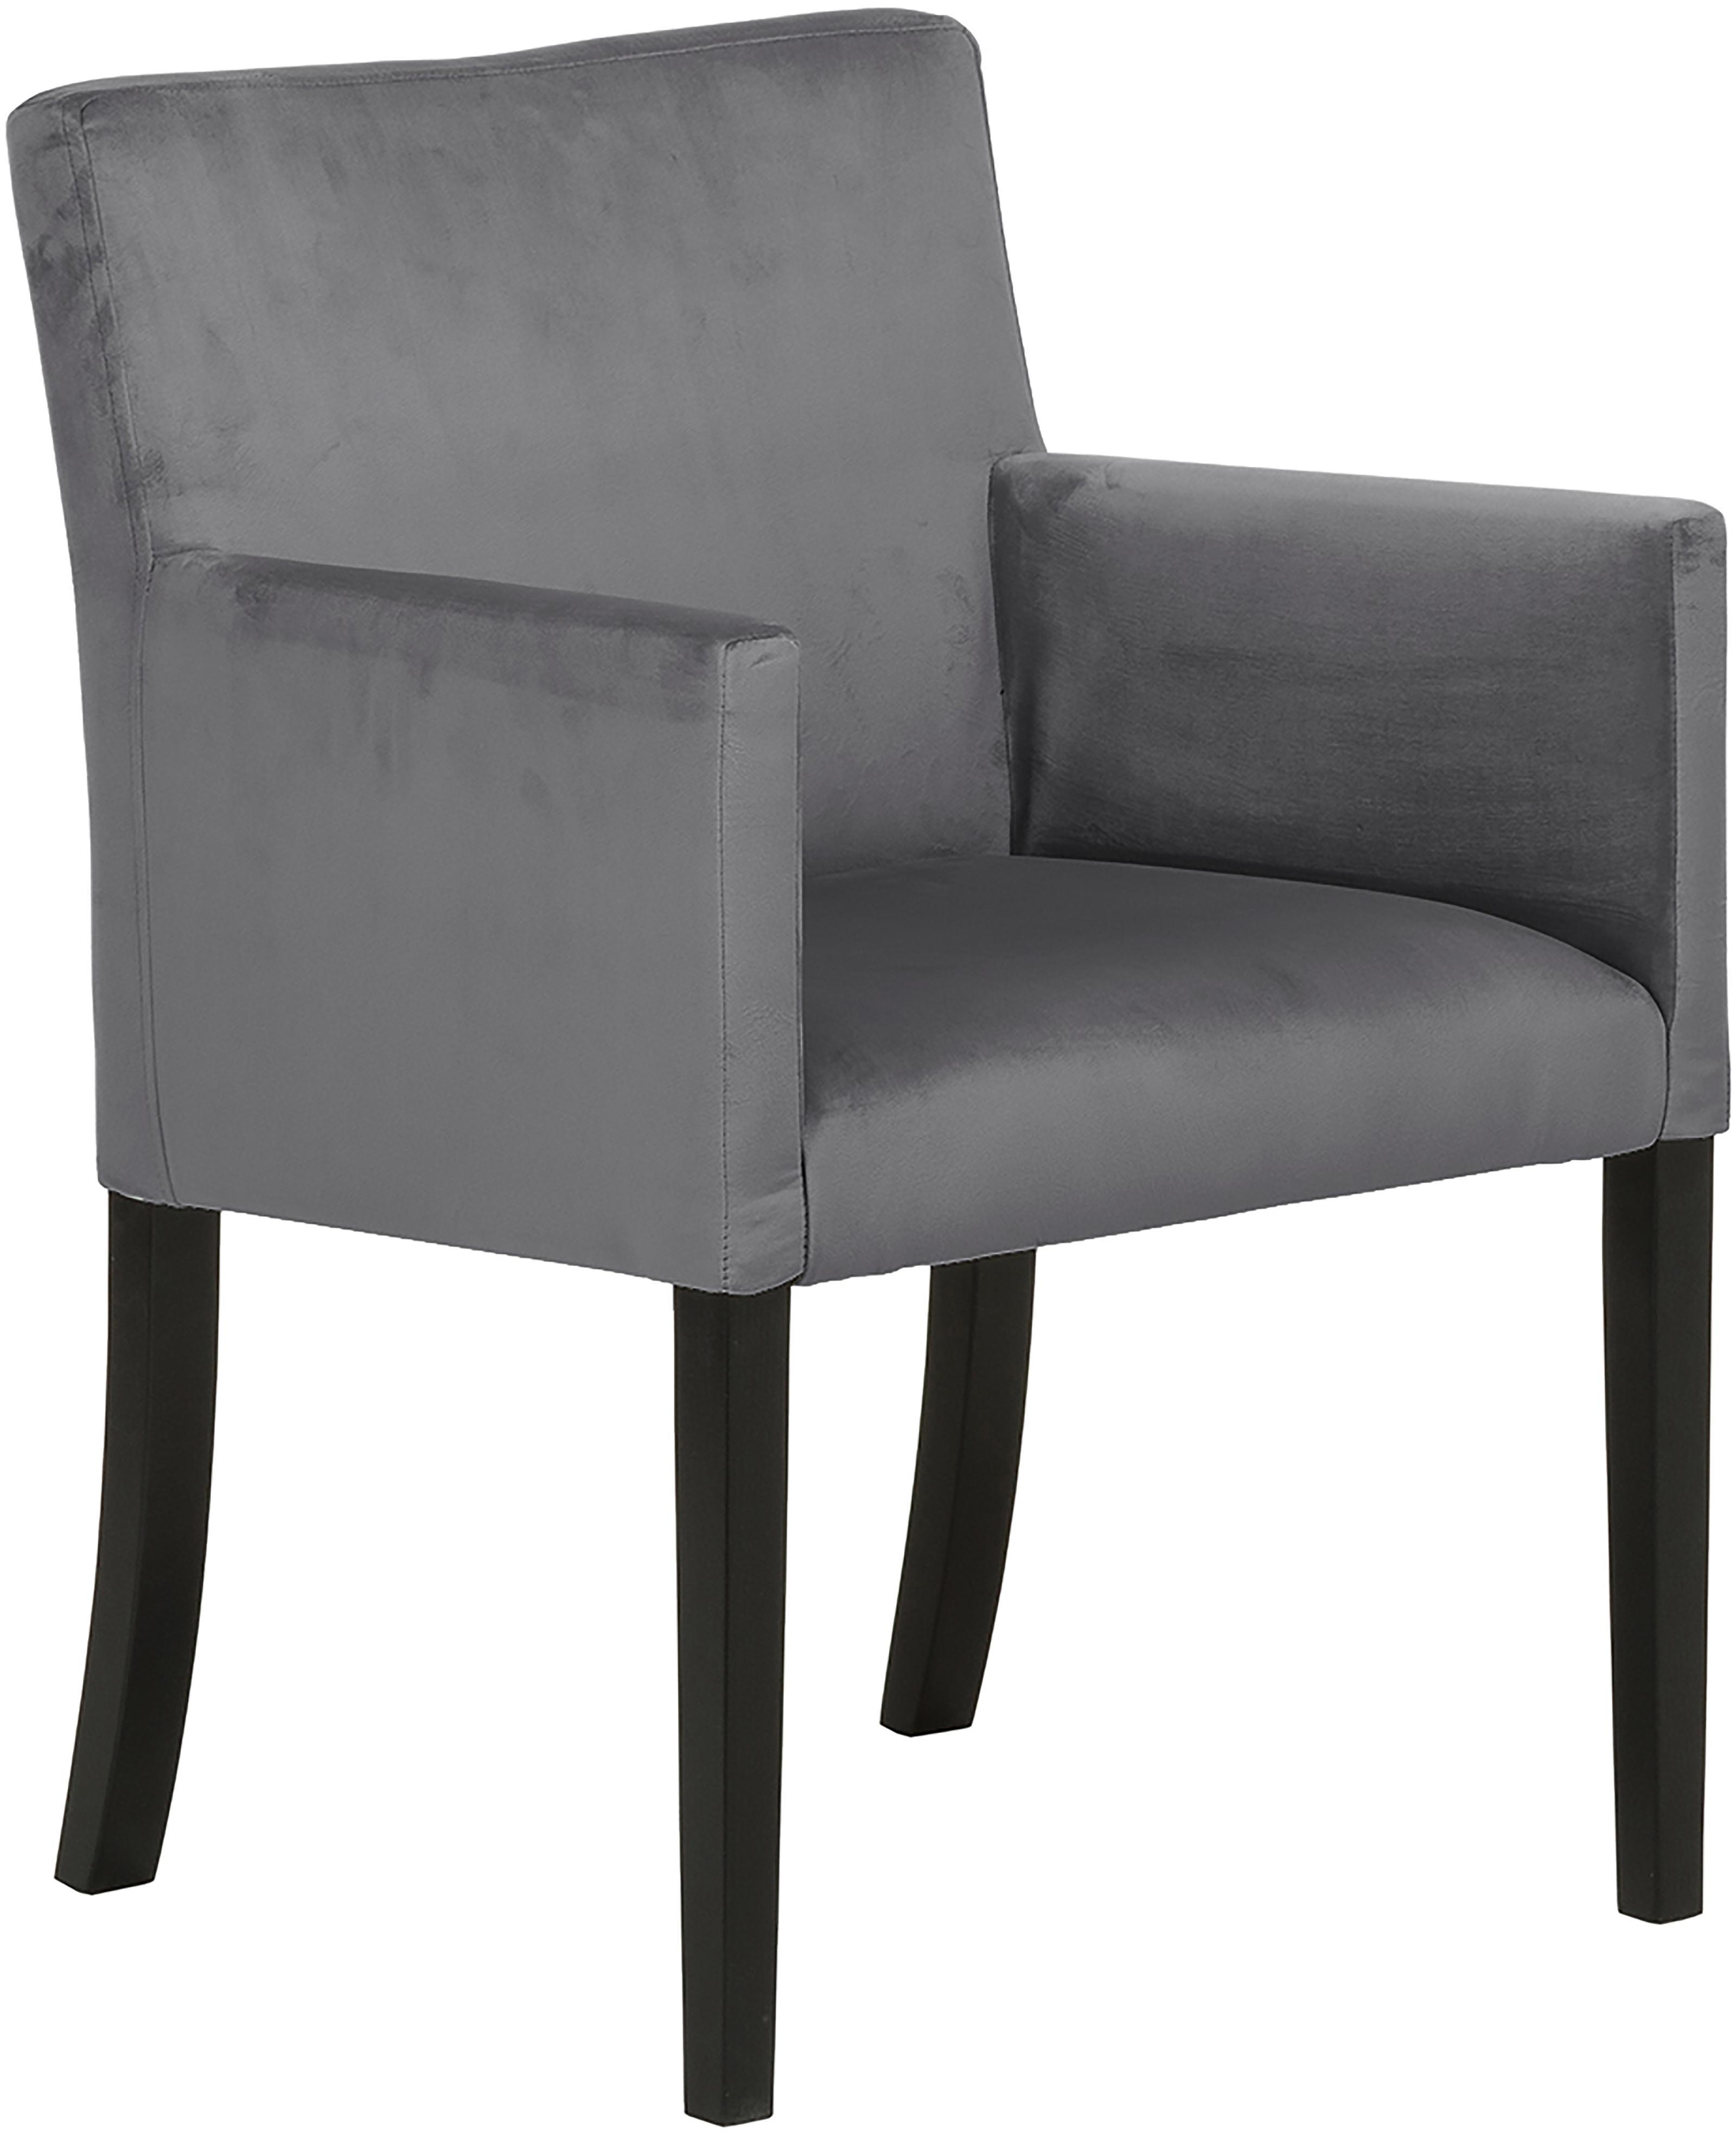 Krzesło z podłokietnikami z aksamitu Boston, Tapicerka: aksamit (wysokiej jakości, Nogi: lite drewno bukowe, lakie, Tapicerka: ciemnyszary Nogi: czarny, S 60 x G 60 cm